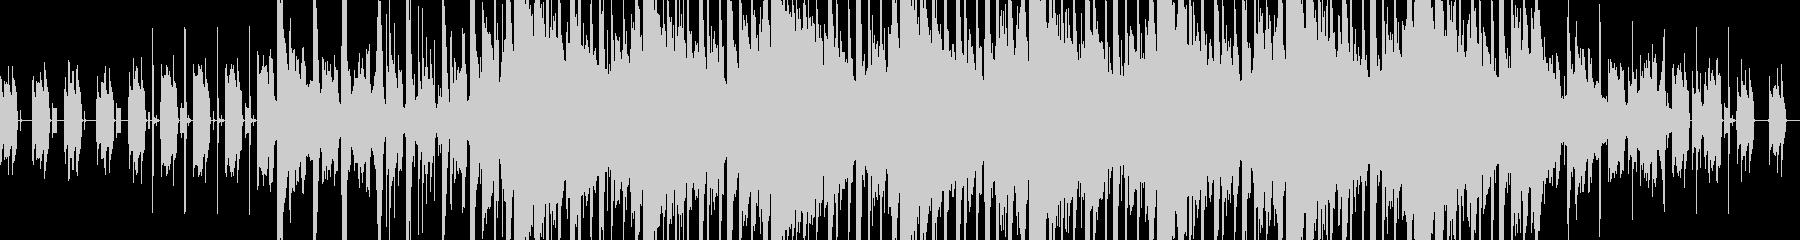 テンポ感の良い優しいエレクトロニカの未再生の波形